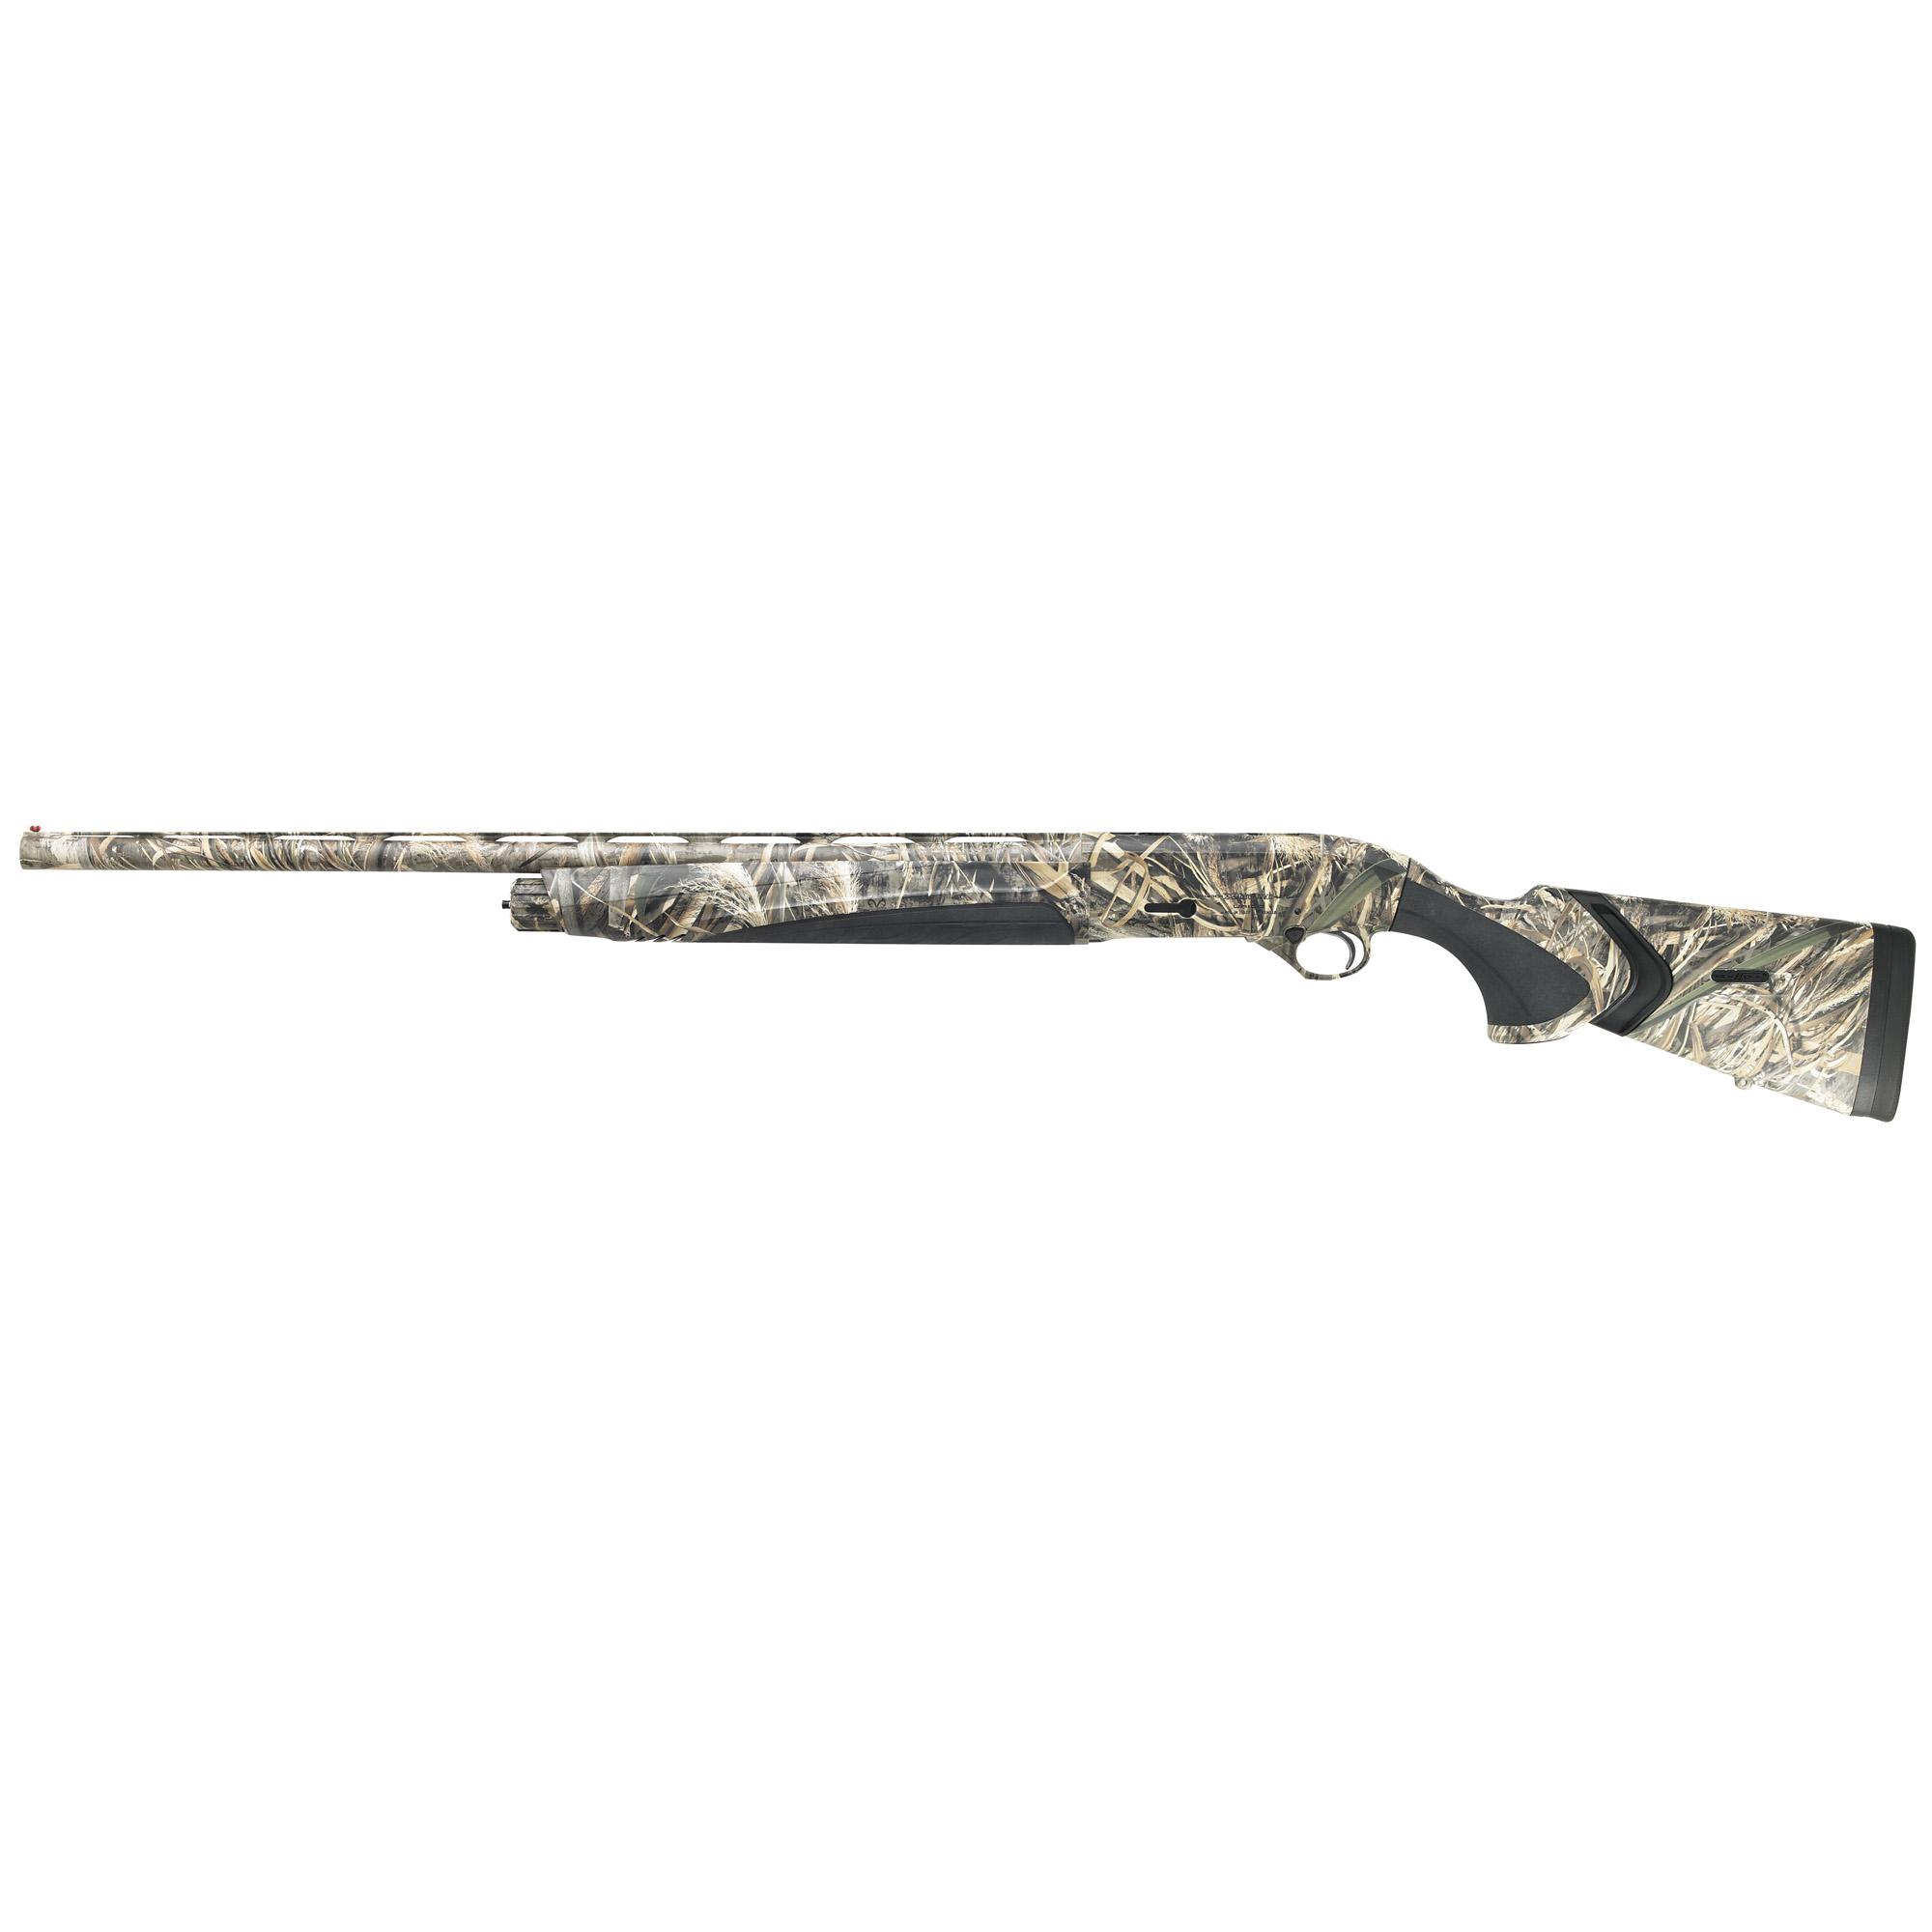 Beretta A400 Xtreme Ko 12/26 Max-5